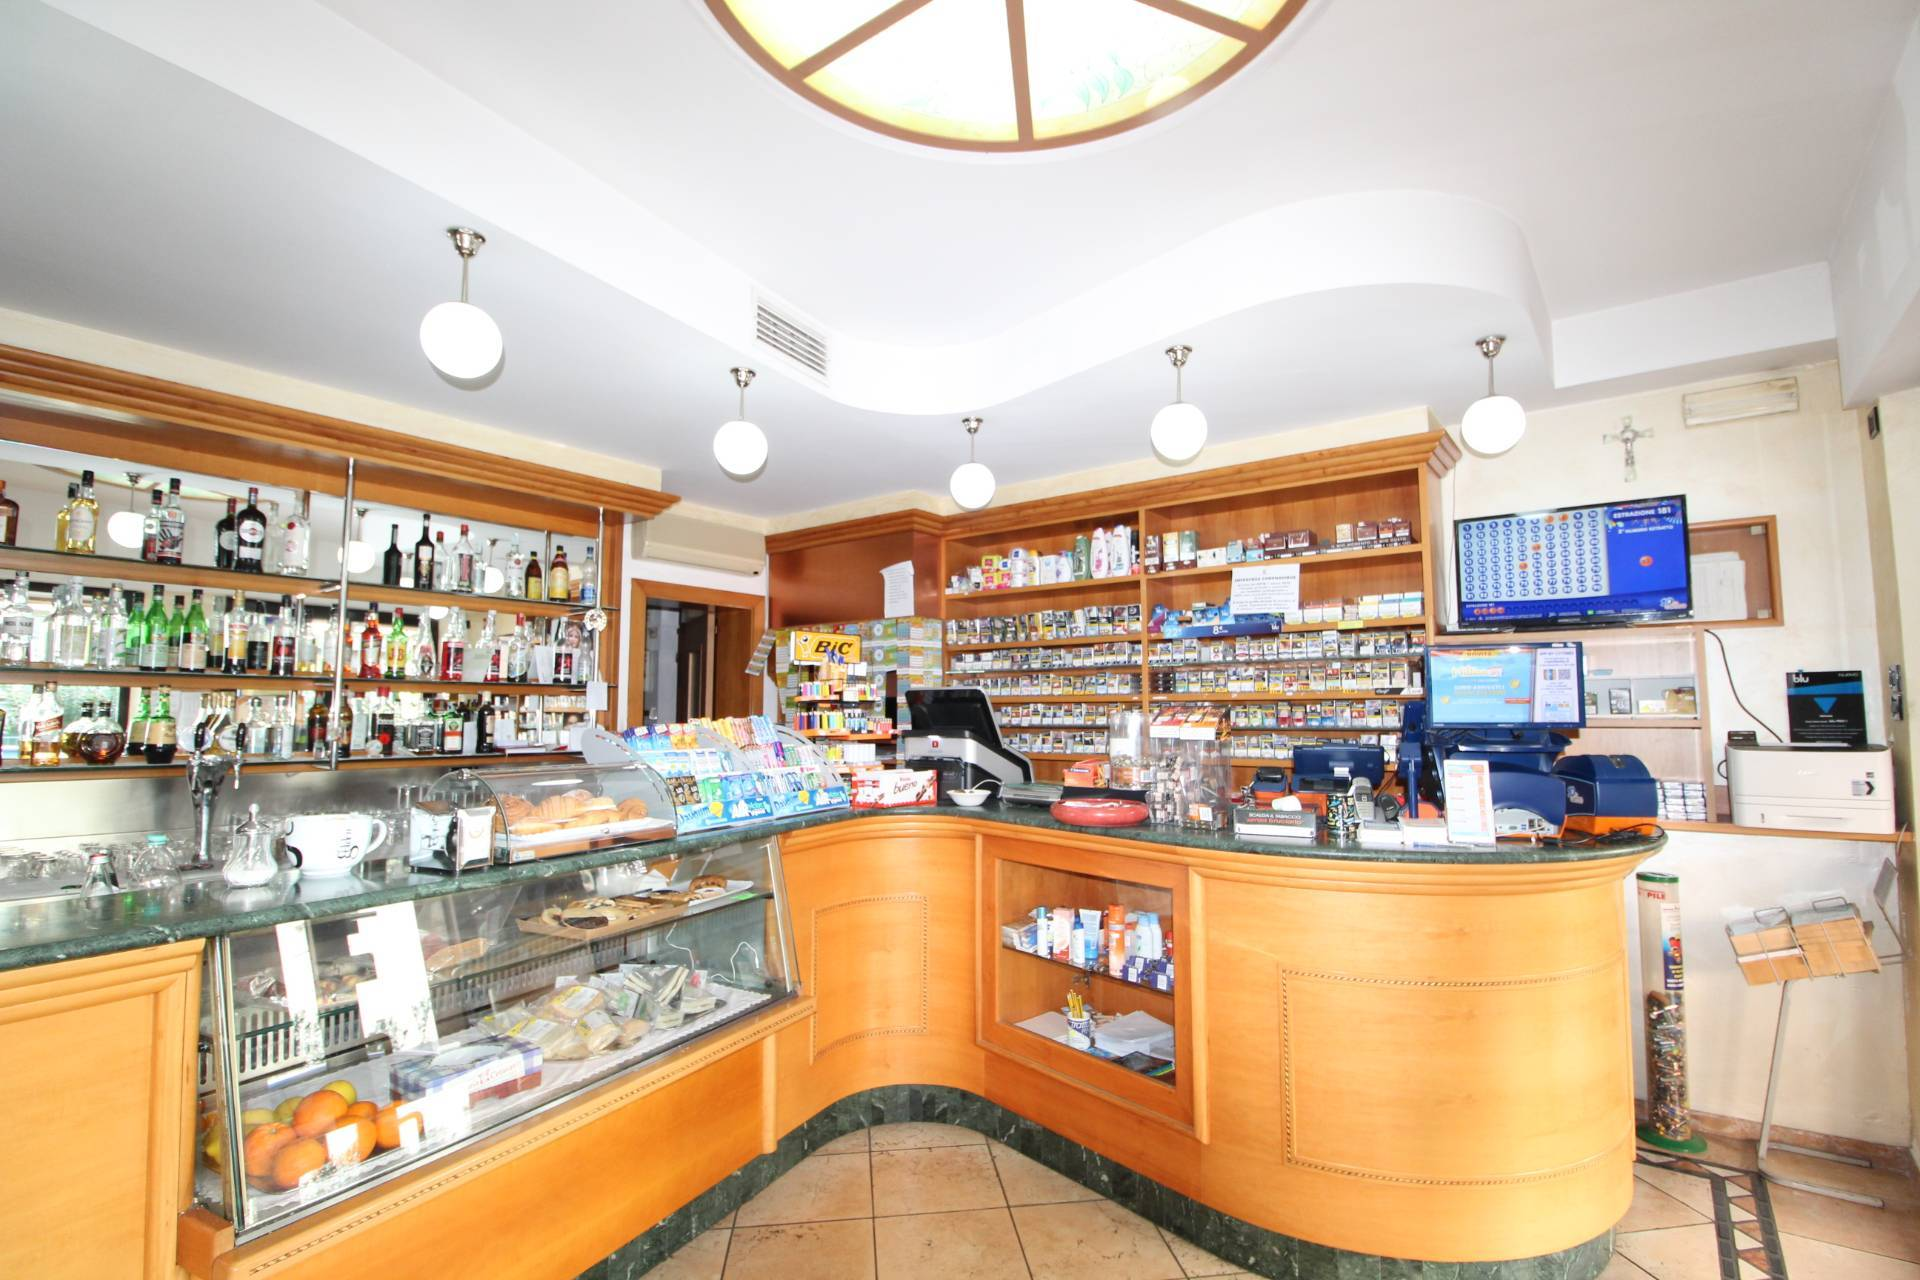 Attività commerciale in vendita a San Benedetto Del Tronto (AP)